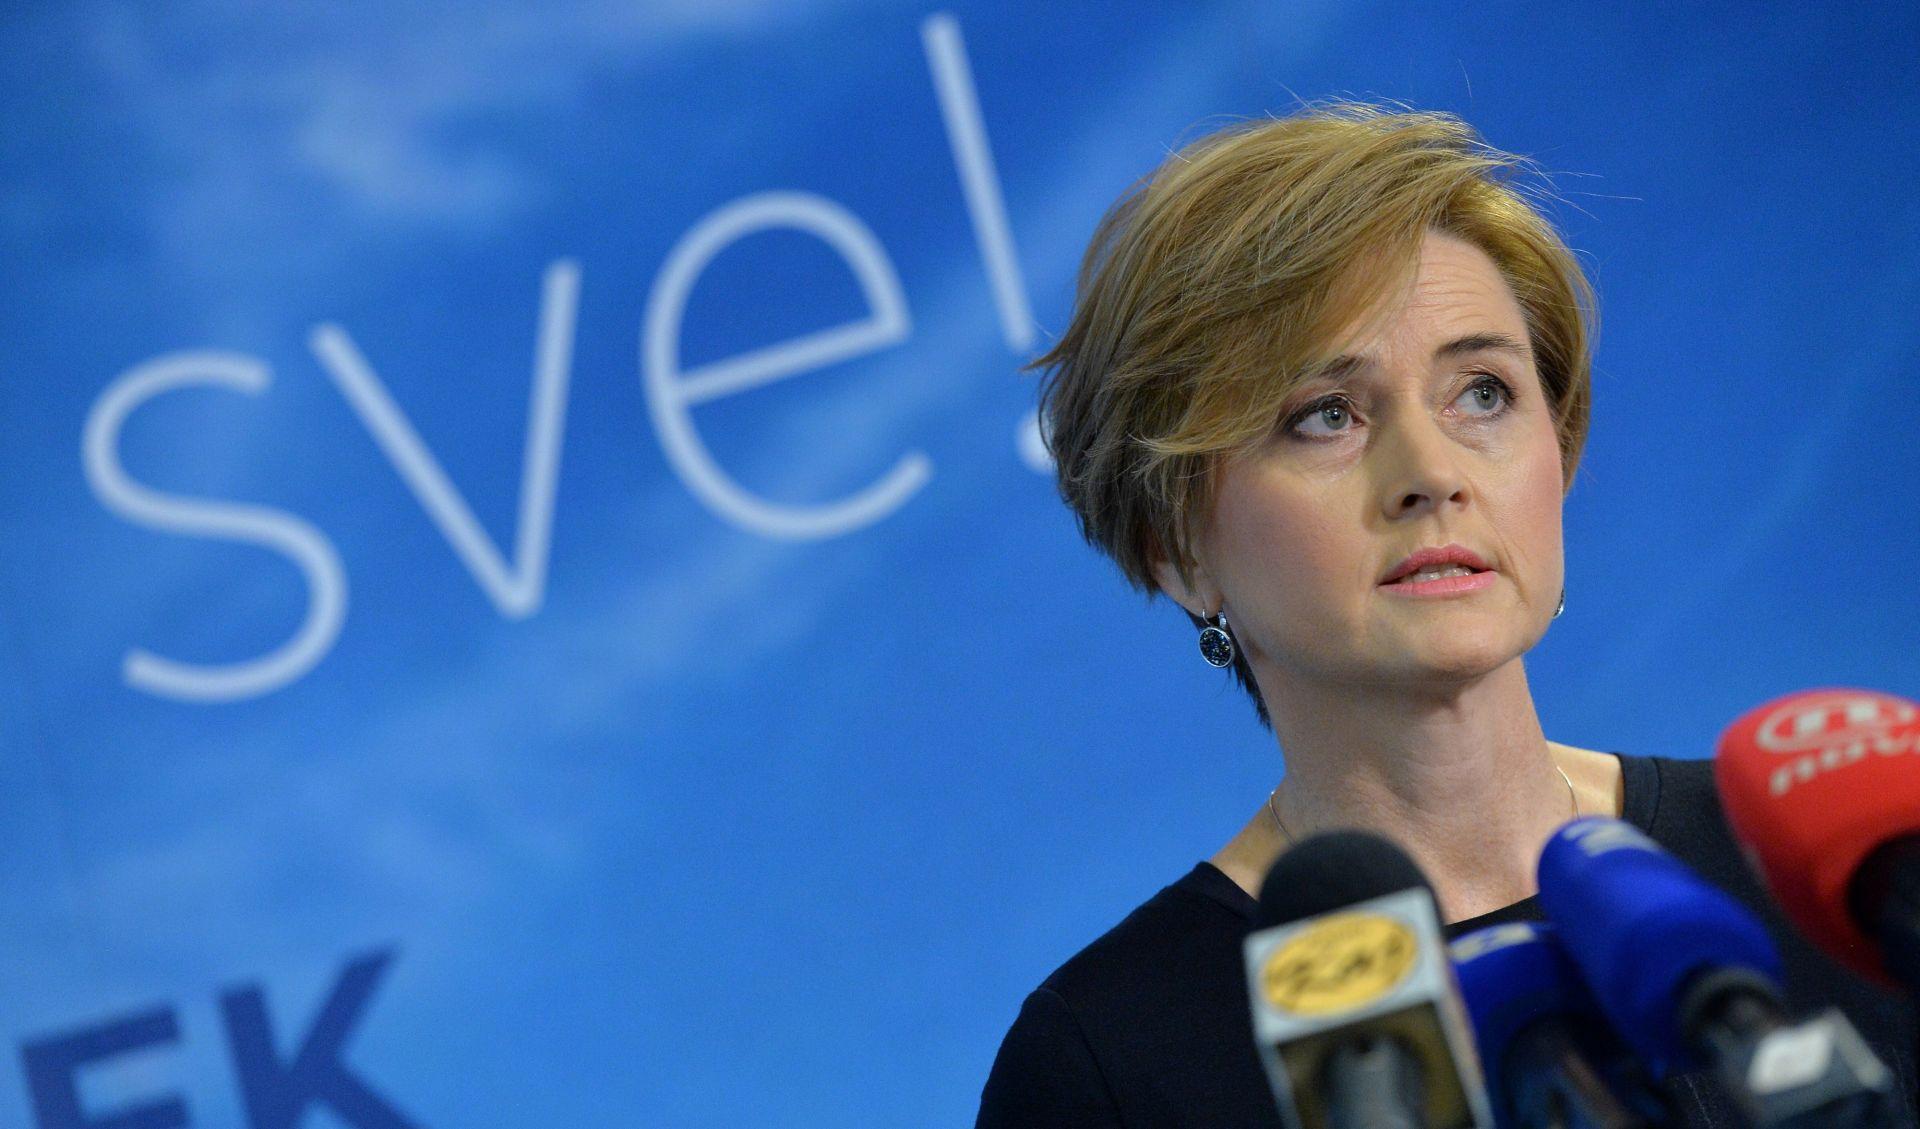 HSLS će podržati kandidaturu Sandre Švaljek za zagrebačku gradonačelnicu